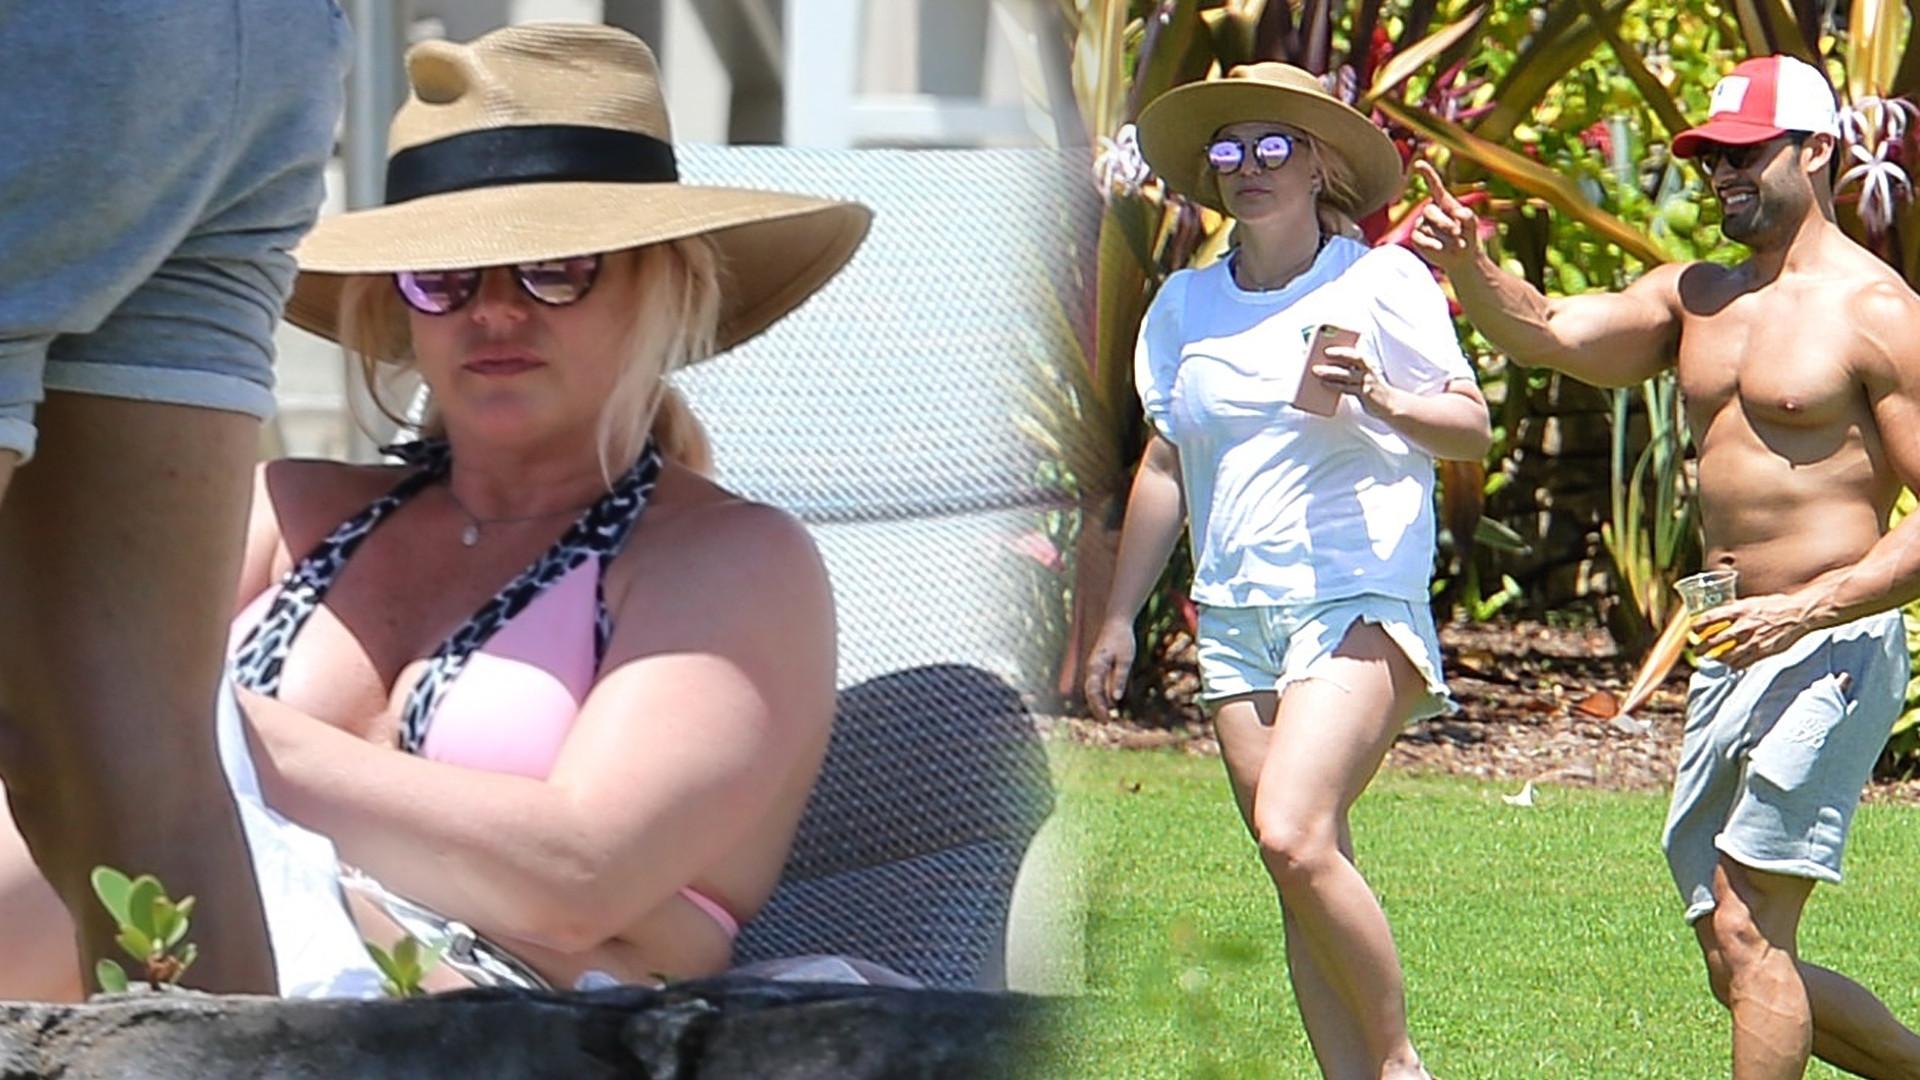 Cały świat mówi o Britney Spears. Tymczasem ona wypoczywa z chłopakiem na Hawajach (ZDJĘCIA)